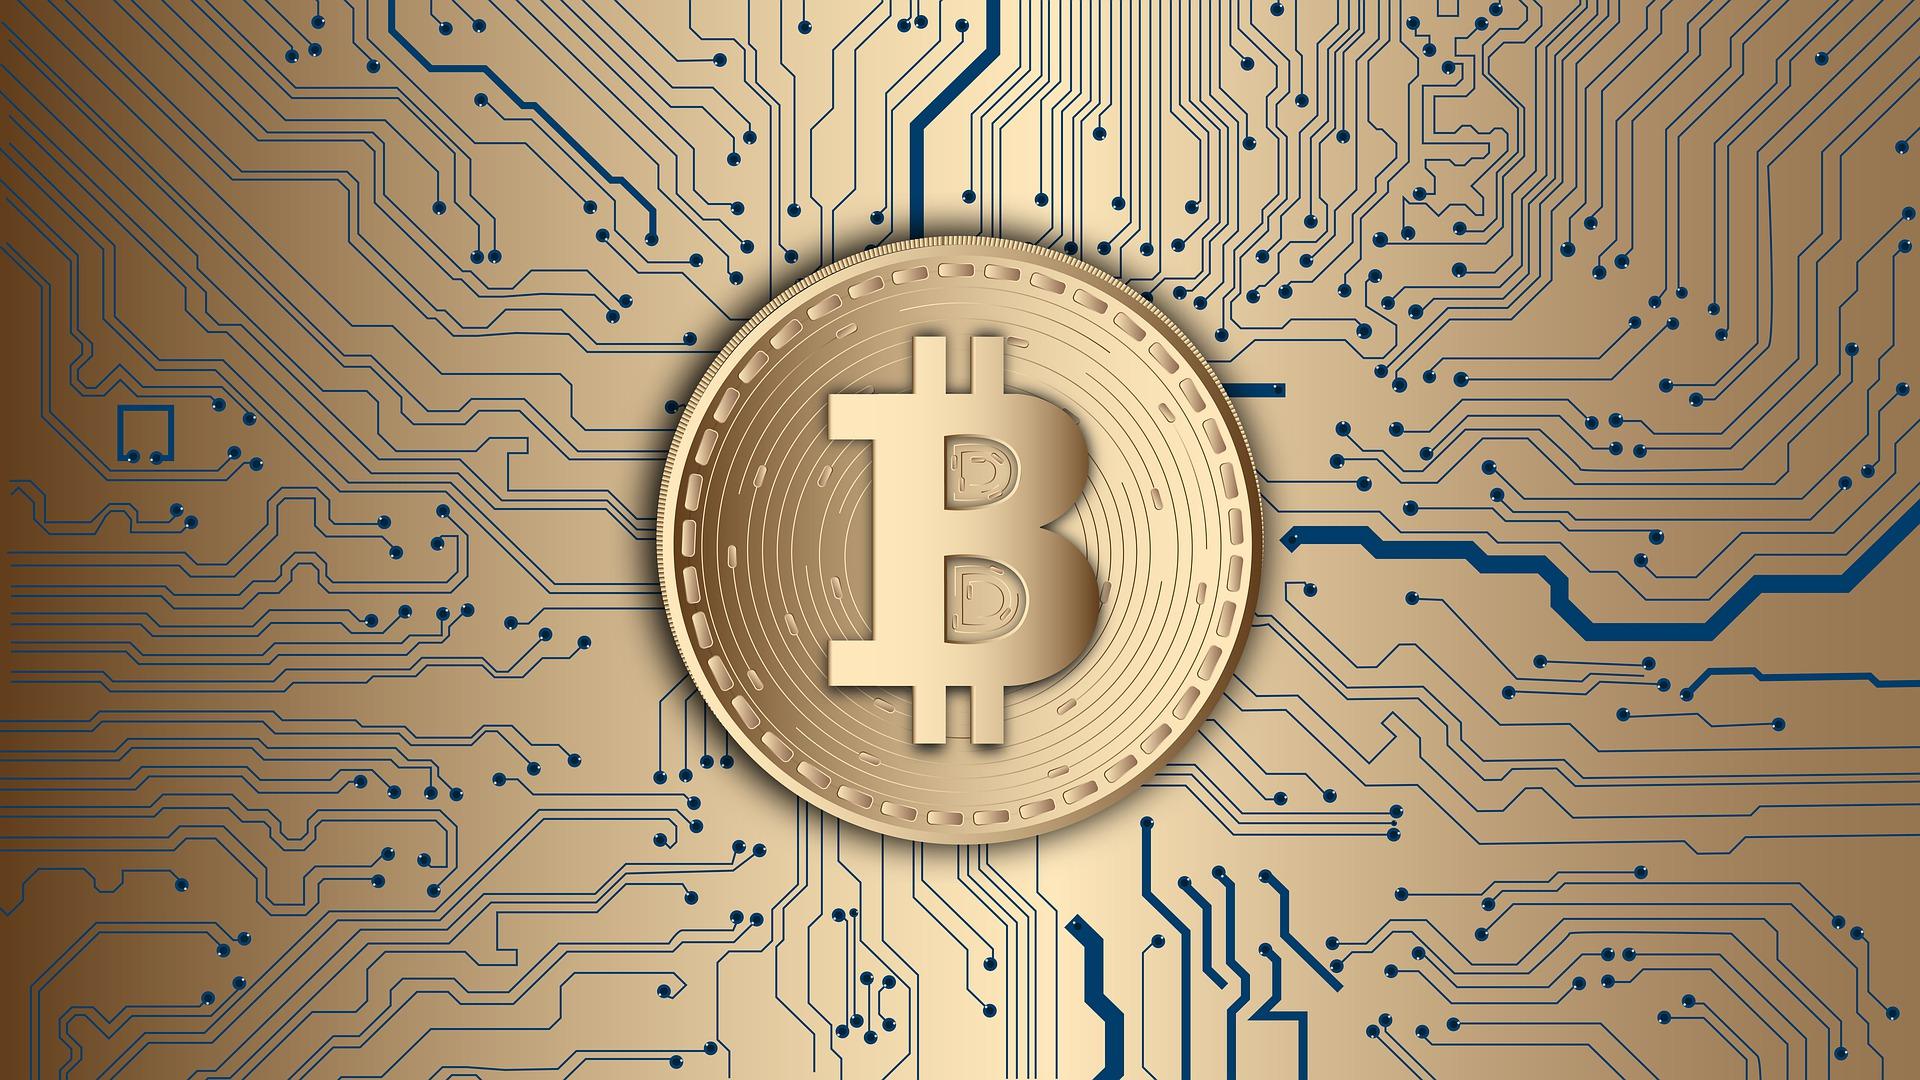 Bitcoin Wallpaper Money Coins Bitcoin Bitcoin Wallpaper Jpg Html